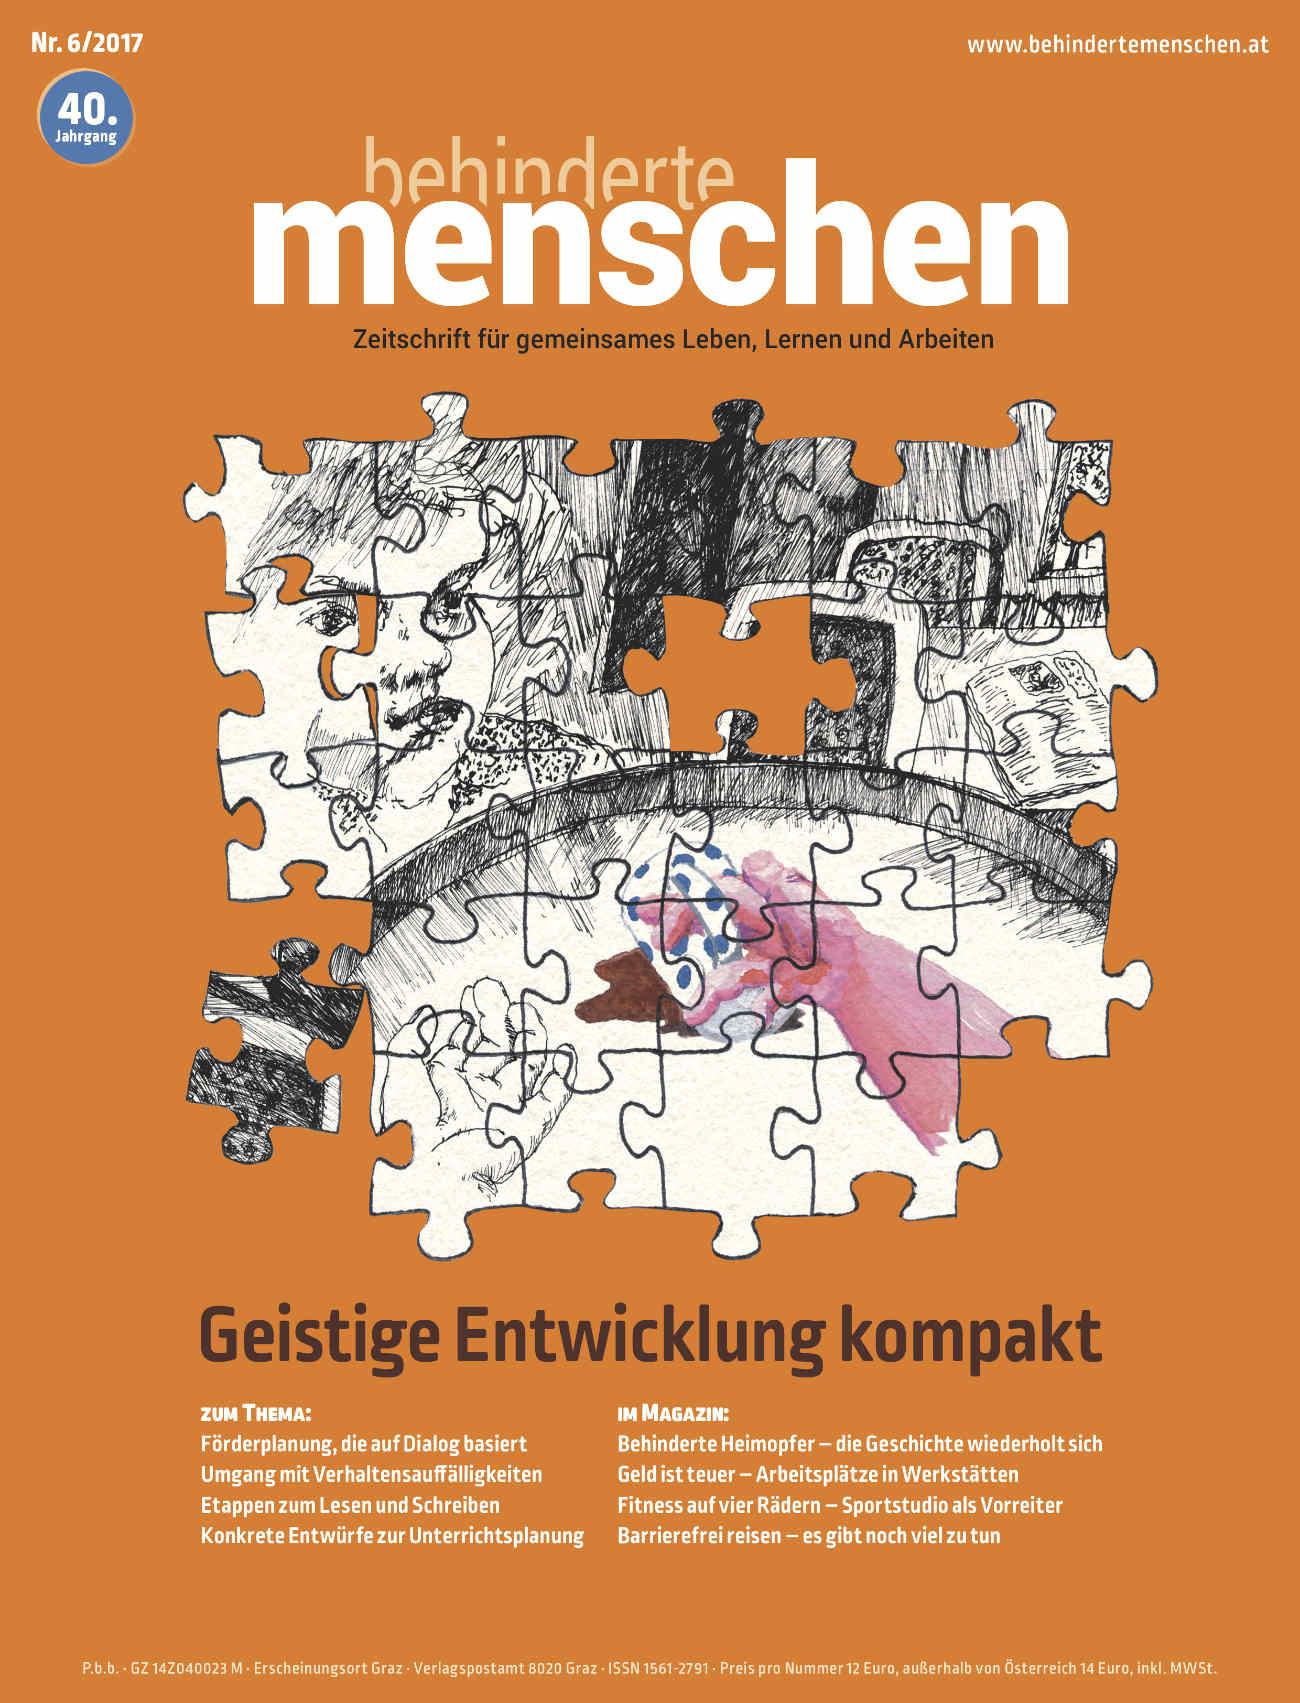 """Titelbild der Zeitschrift BEHINDERTE MENSCHEN, Ausgabe 6/2017 """"Geistige Entwicklung kompakt"""""""